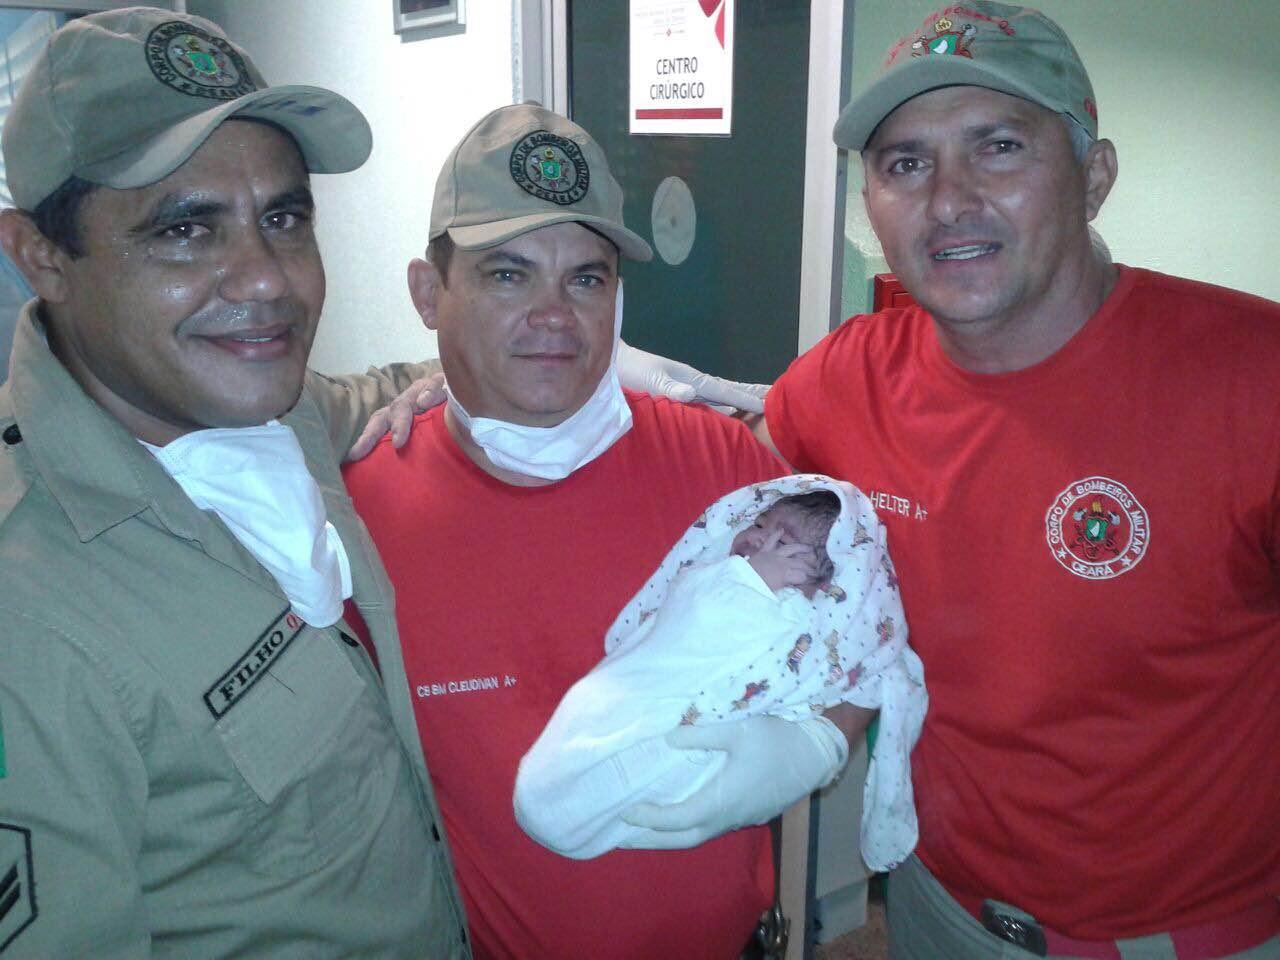 Os cabos Filho, Paulo Hélter e Cleudivan auxiliaram no parto e realizaram os primeiros atendimentos da criança e da mãe. (FOTO: Reprodução/ Arquivo Pessoal Cabo Filho)